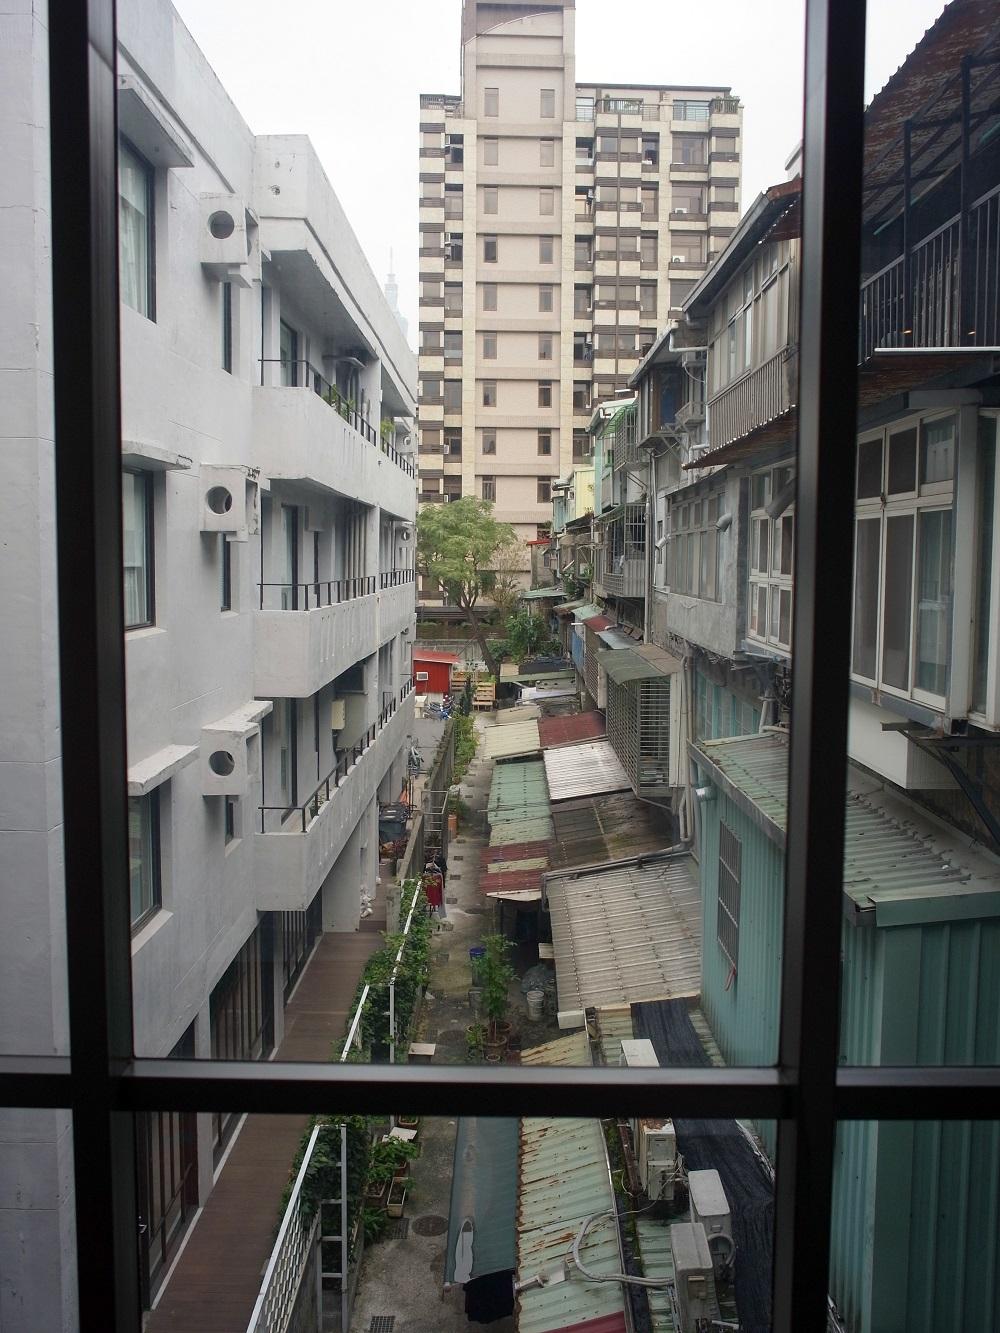 眺望はないが、台湾らしい路地に囲まれて、情緒たっぷり。